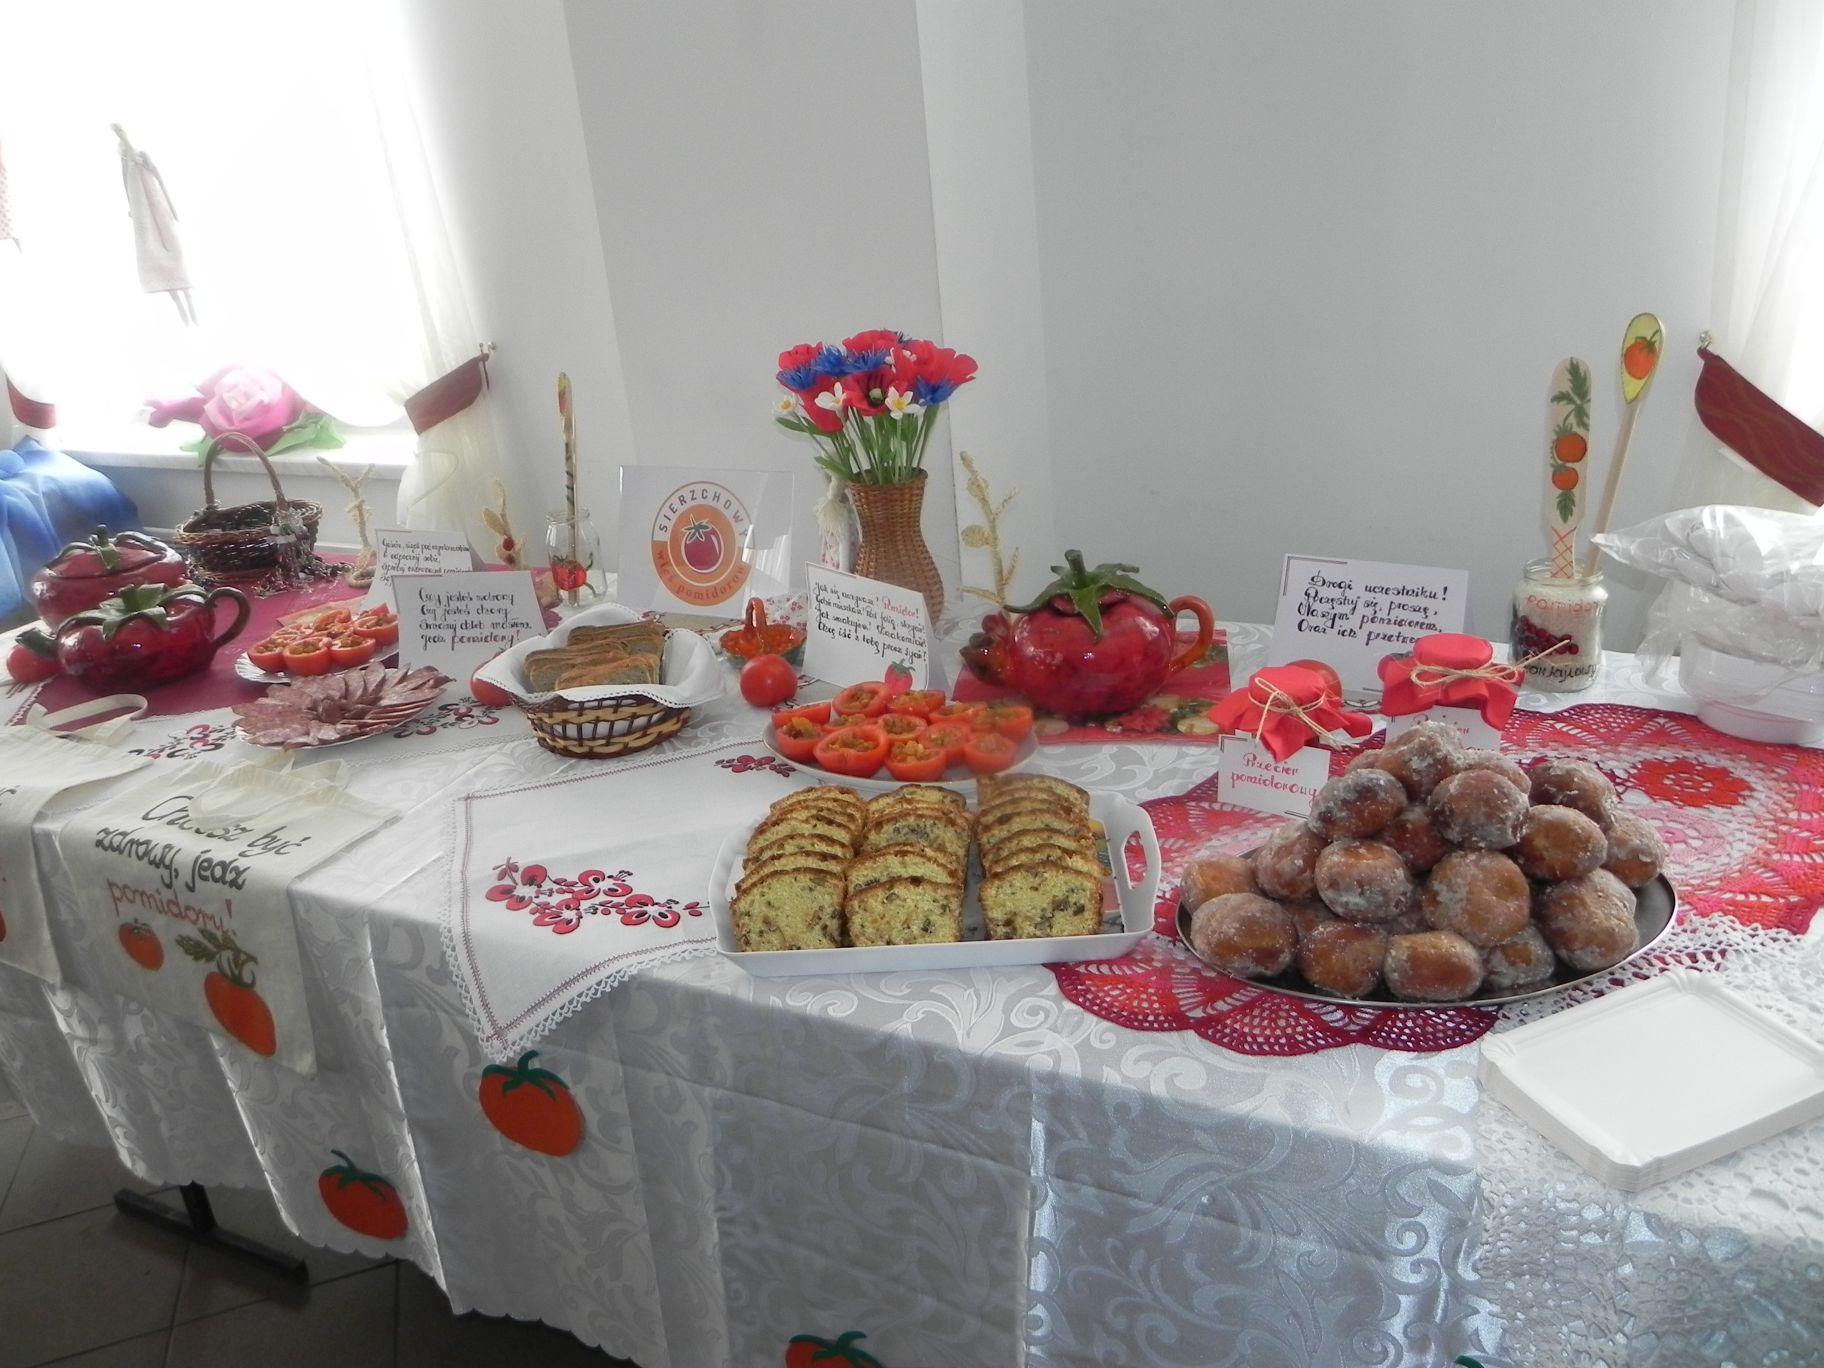 2012-12-14 Wilkowice - Konferencja Wioski tematyczne (6)